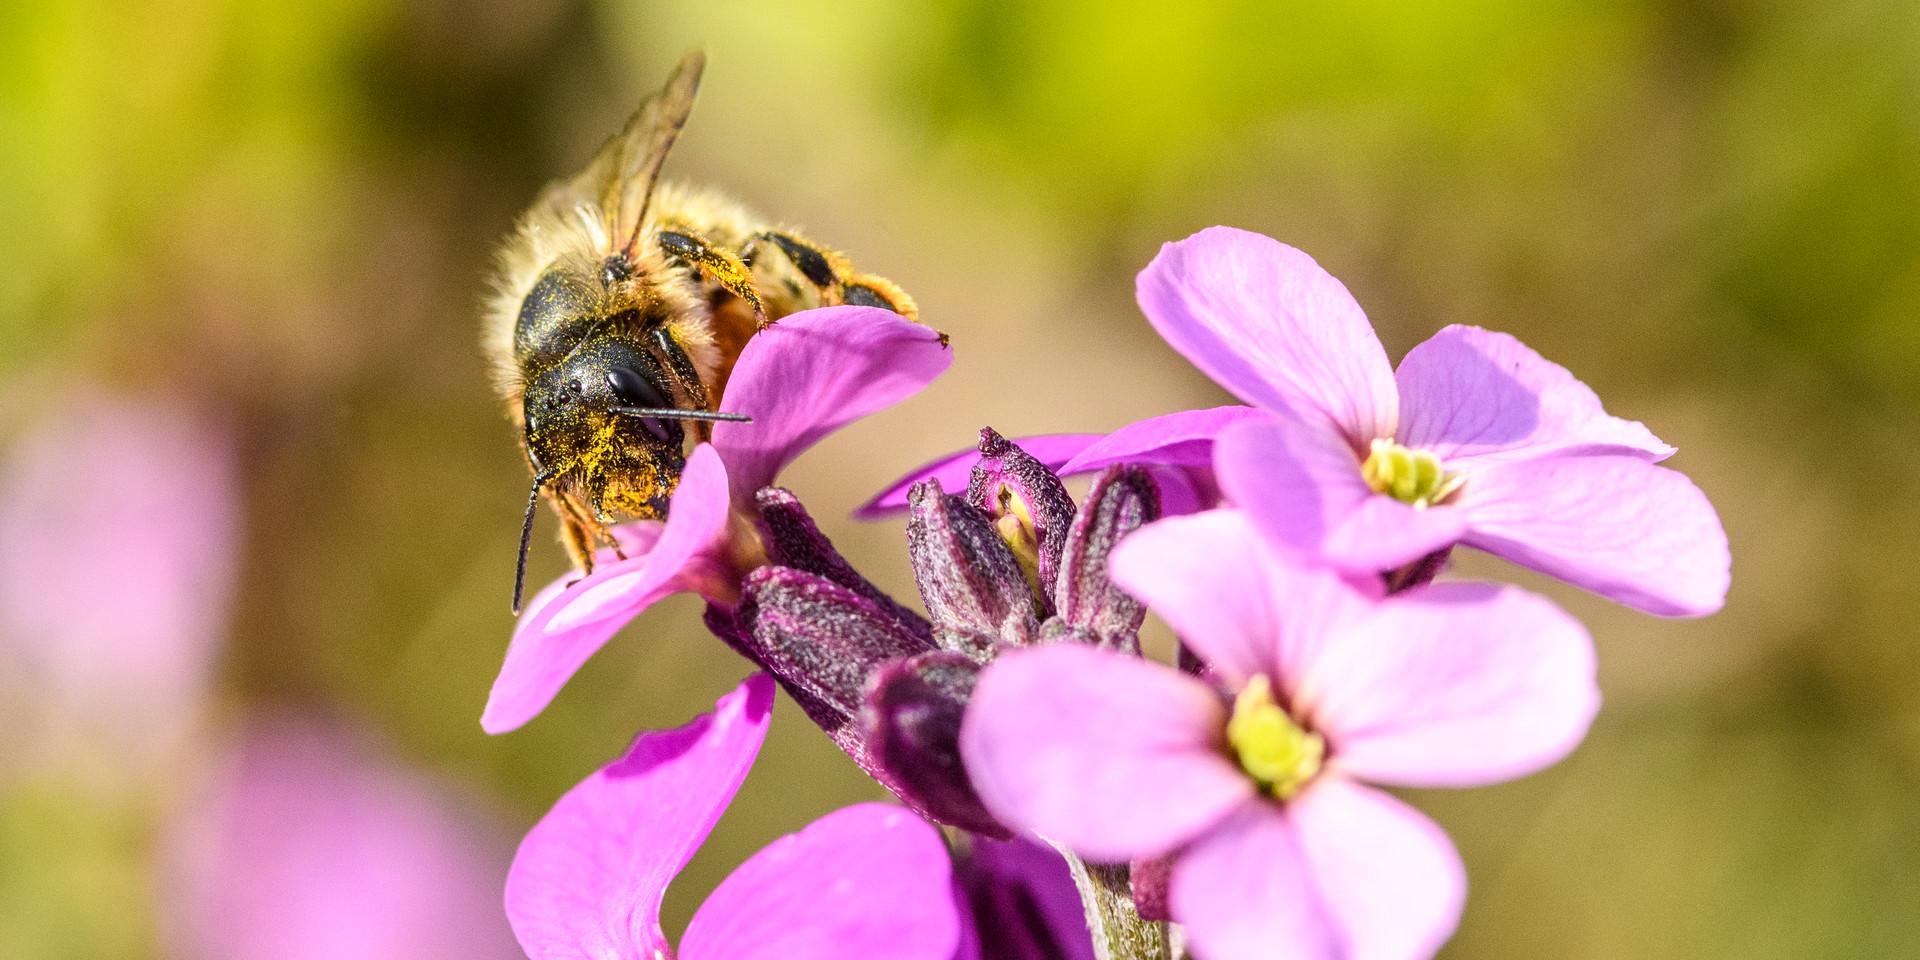 A face full of pollen